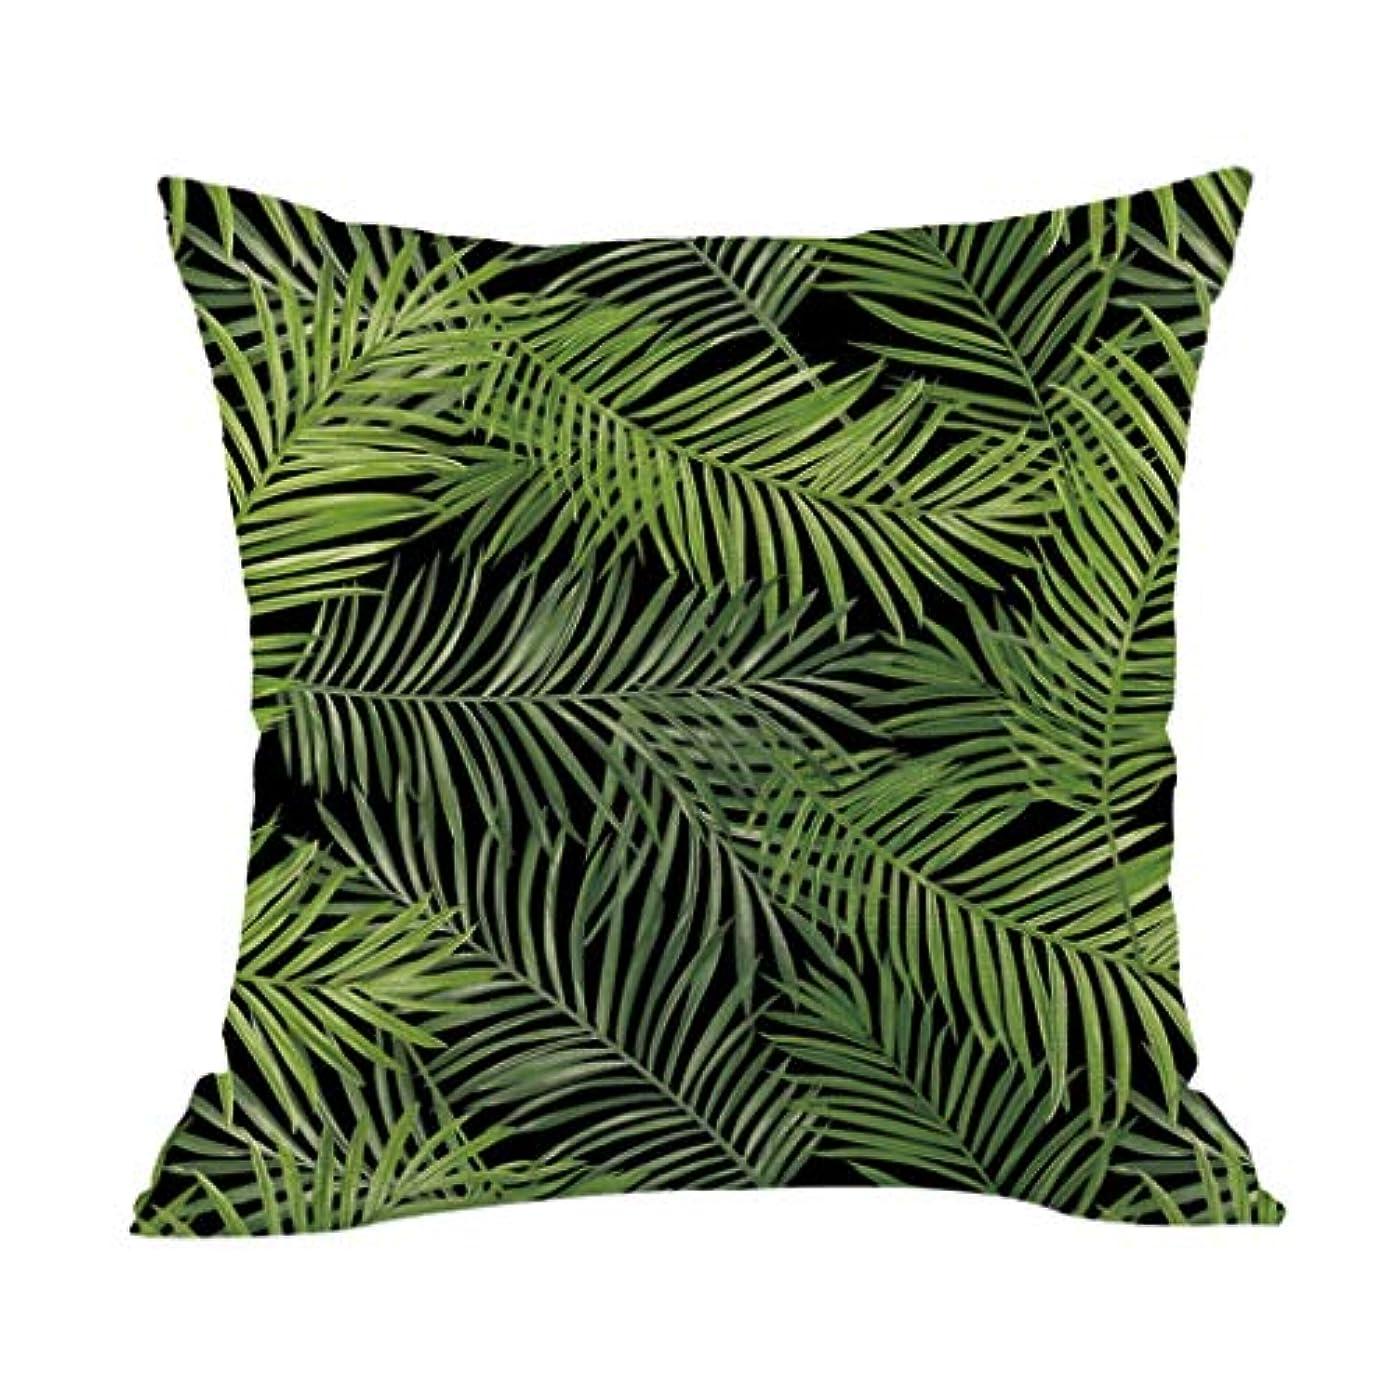 入力リッチ間接的LIFE 高品質クッション熱帯植物ポリエステル枕ソファ投げるパッドセットホーム人格クッション coussin decoratif クッション 椅子